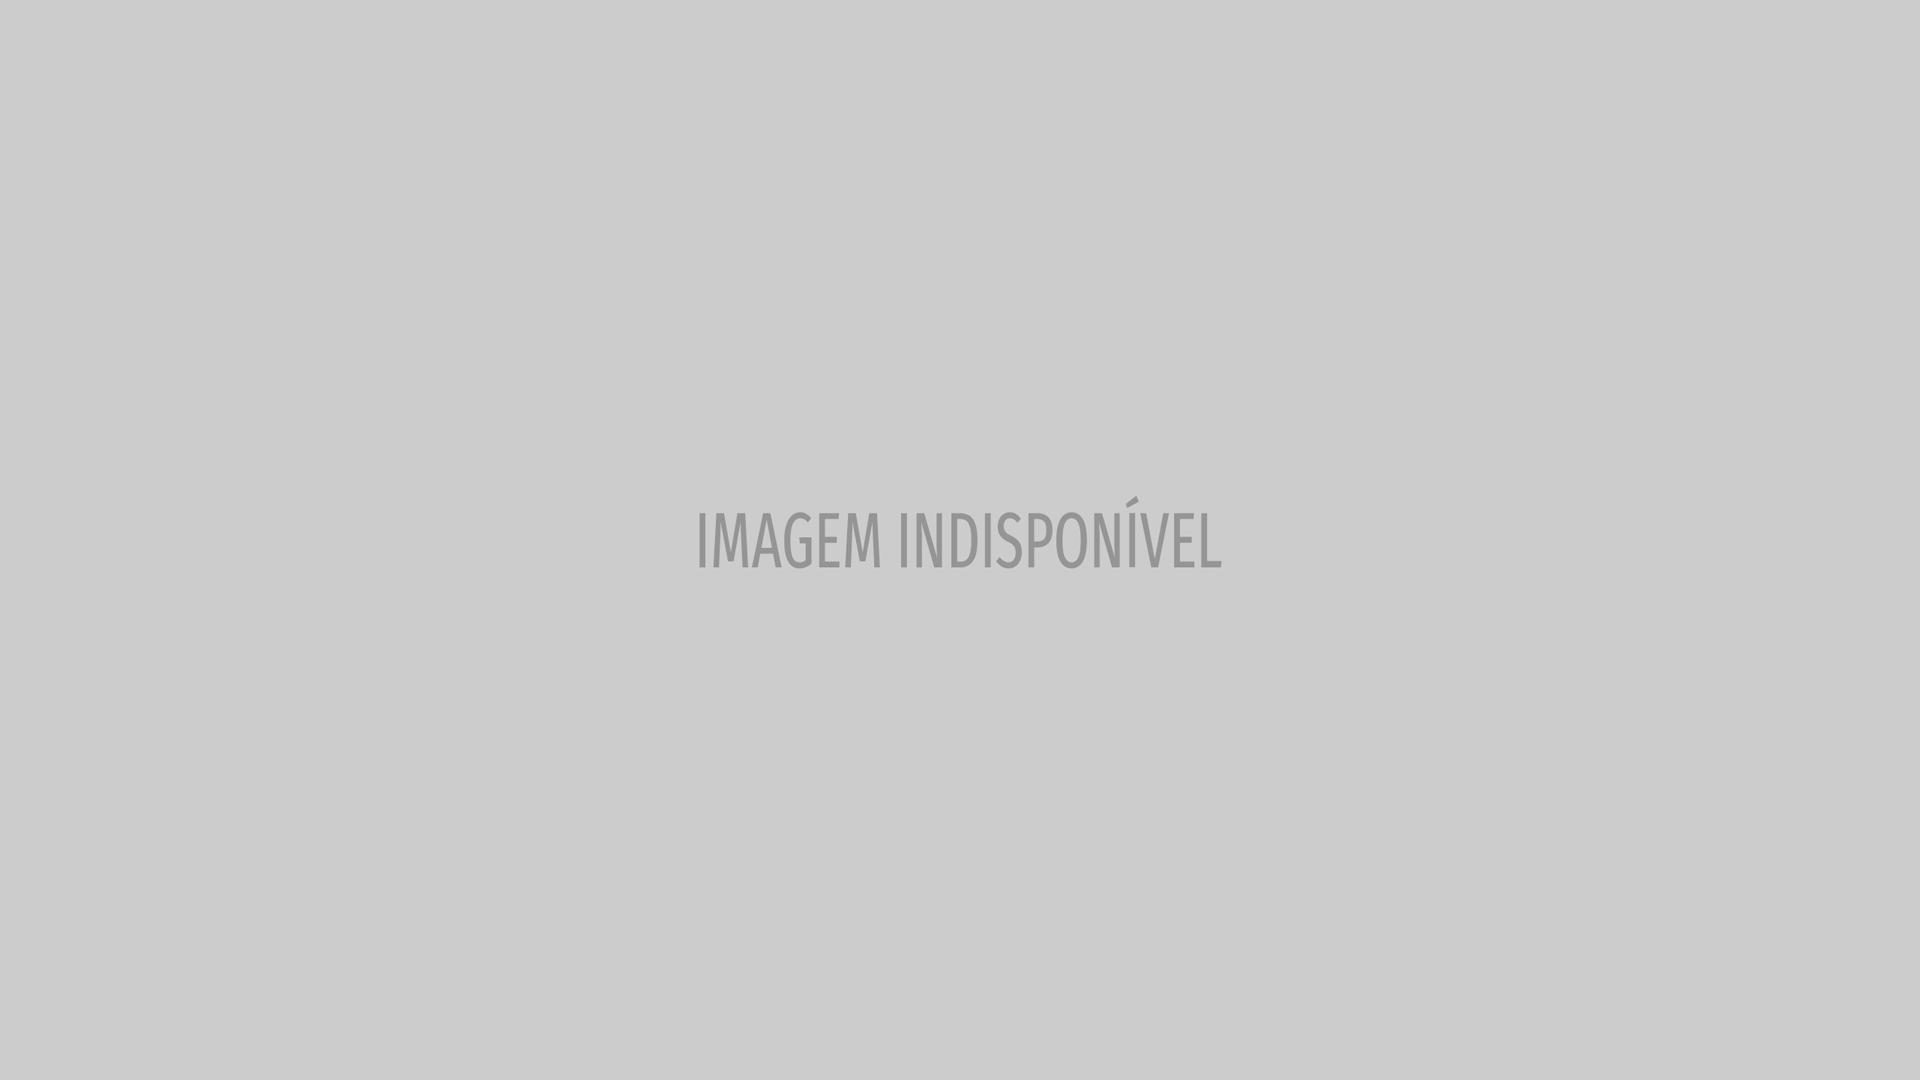 IML identifica oitava vítima do incêndio no CT do Flamengo